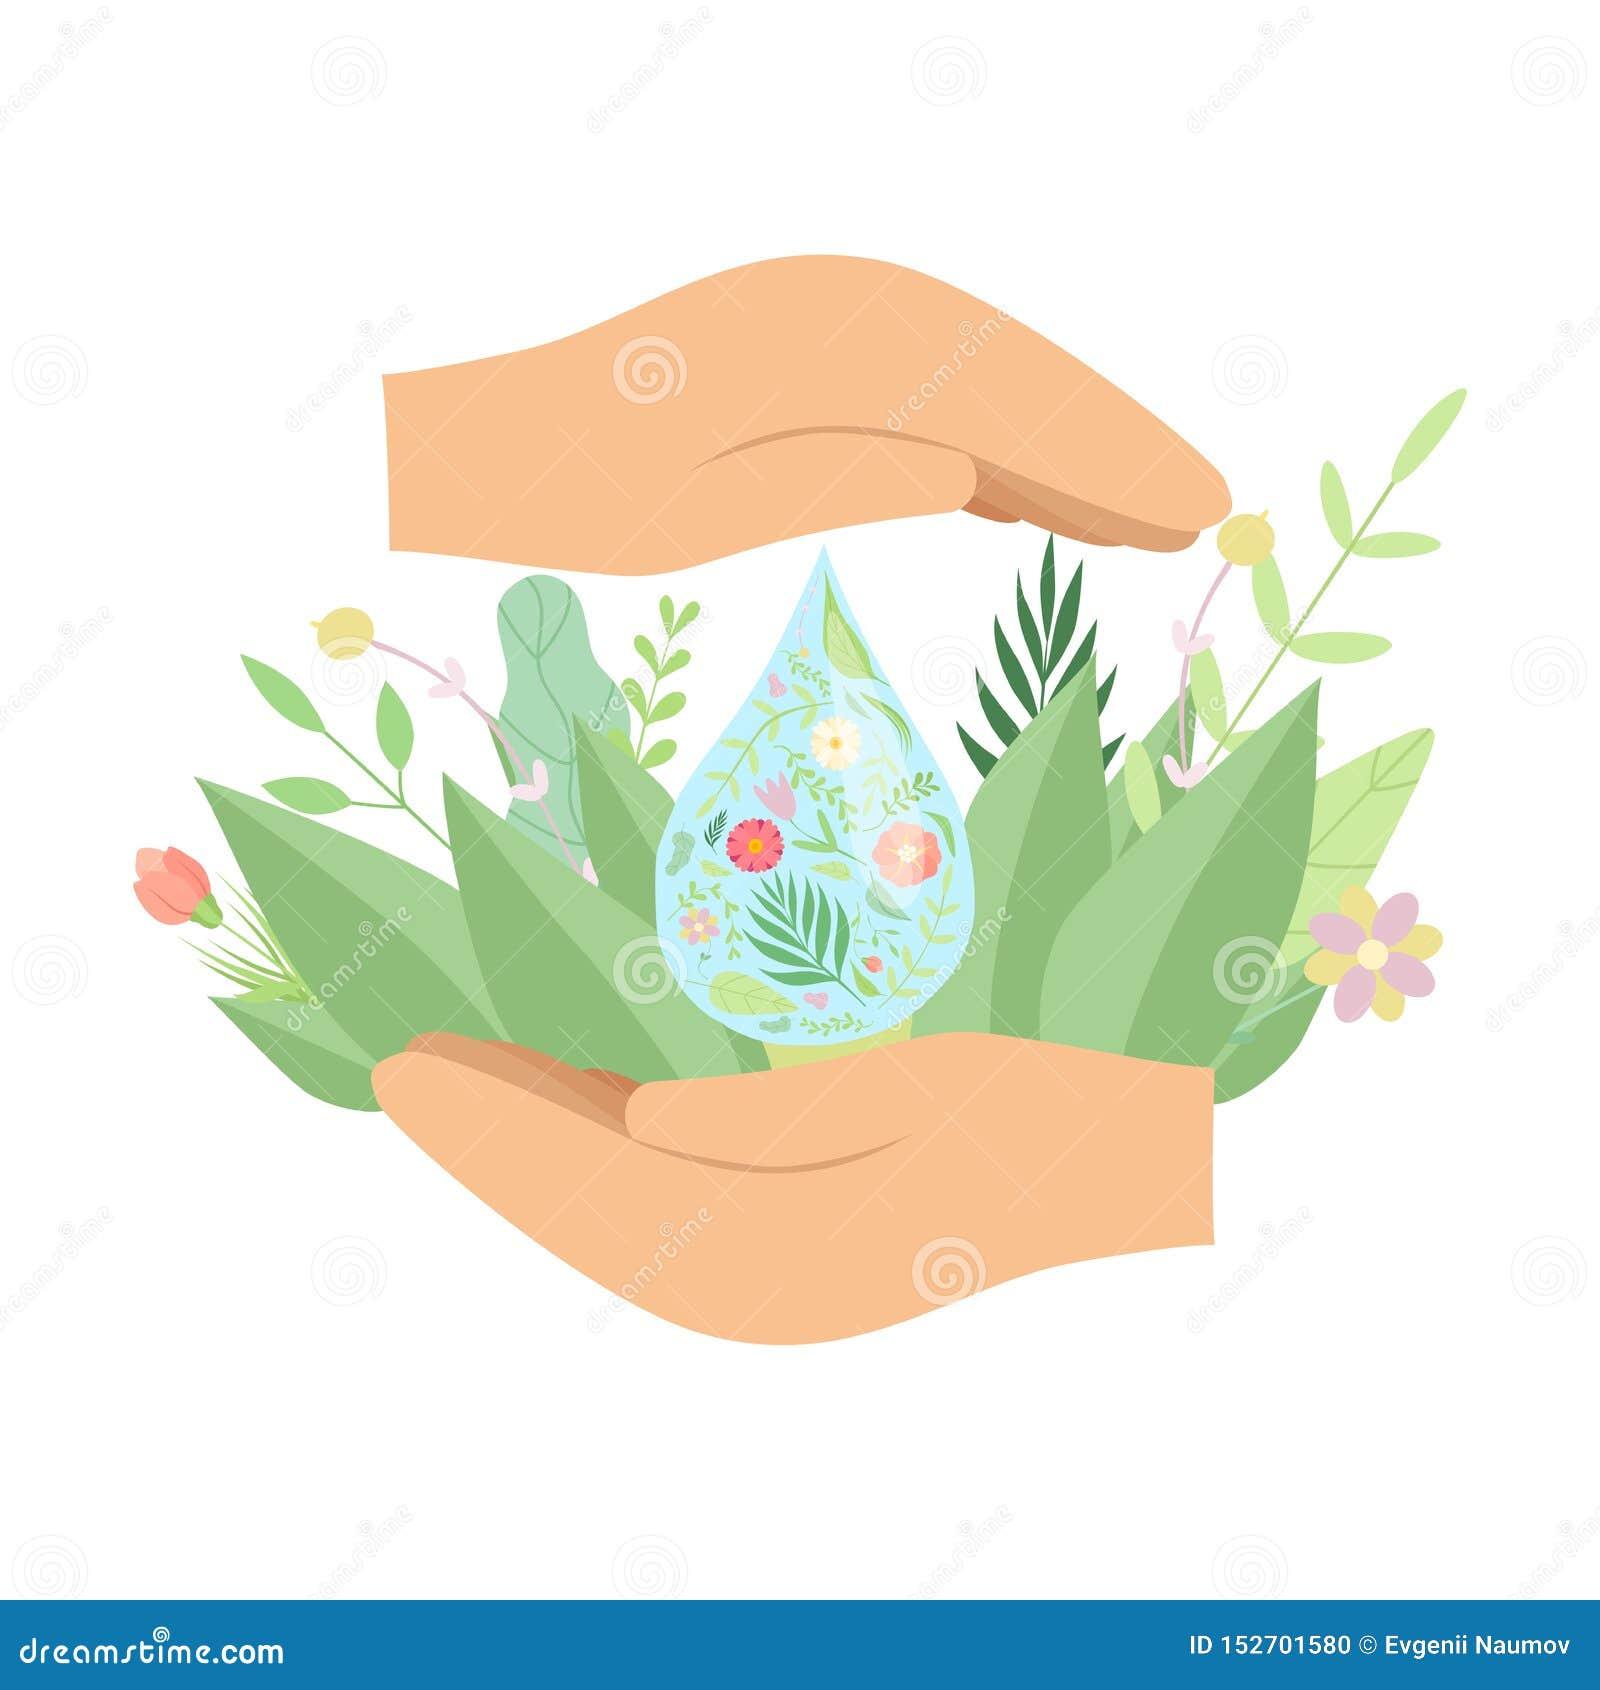 Ανθρώπινη πτώση γλυκού νερού εκμετάλλευσης χεριών, πράσινα φύλλα και λουλούδια, εκτός από το νερό, προστασία του περιβάλλοντος, έ